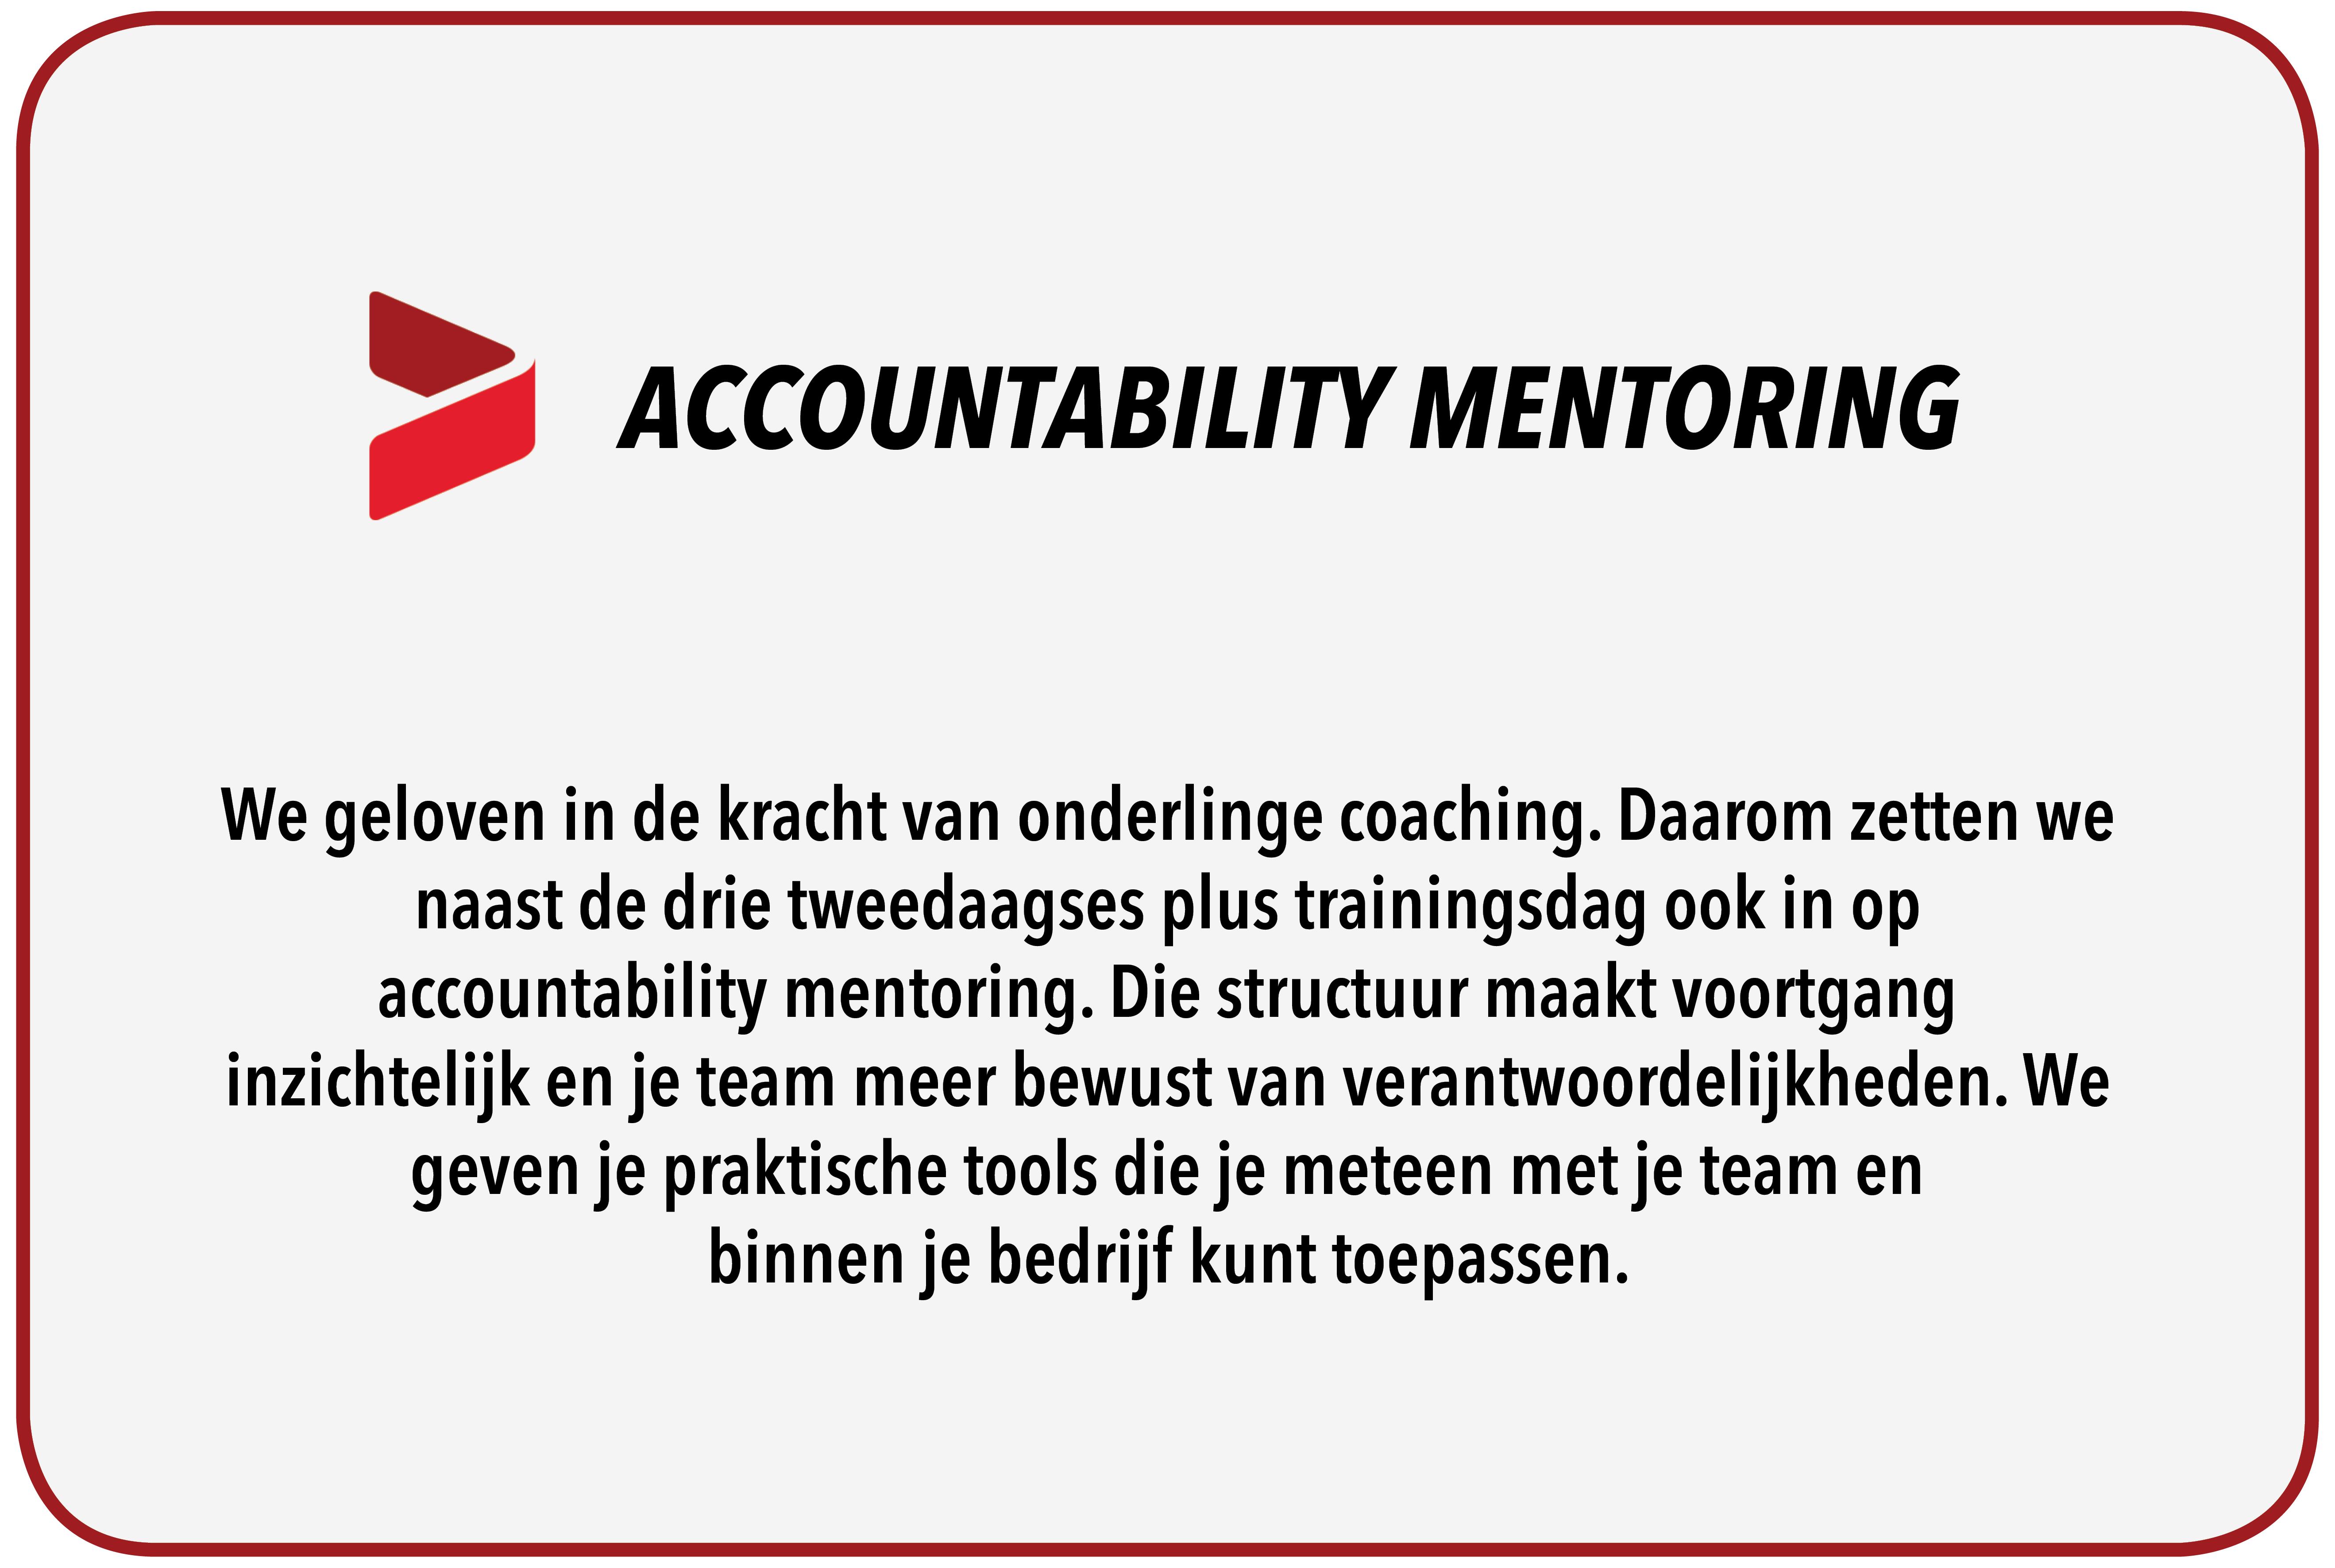 Accountability Mentoring!